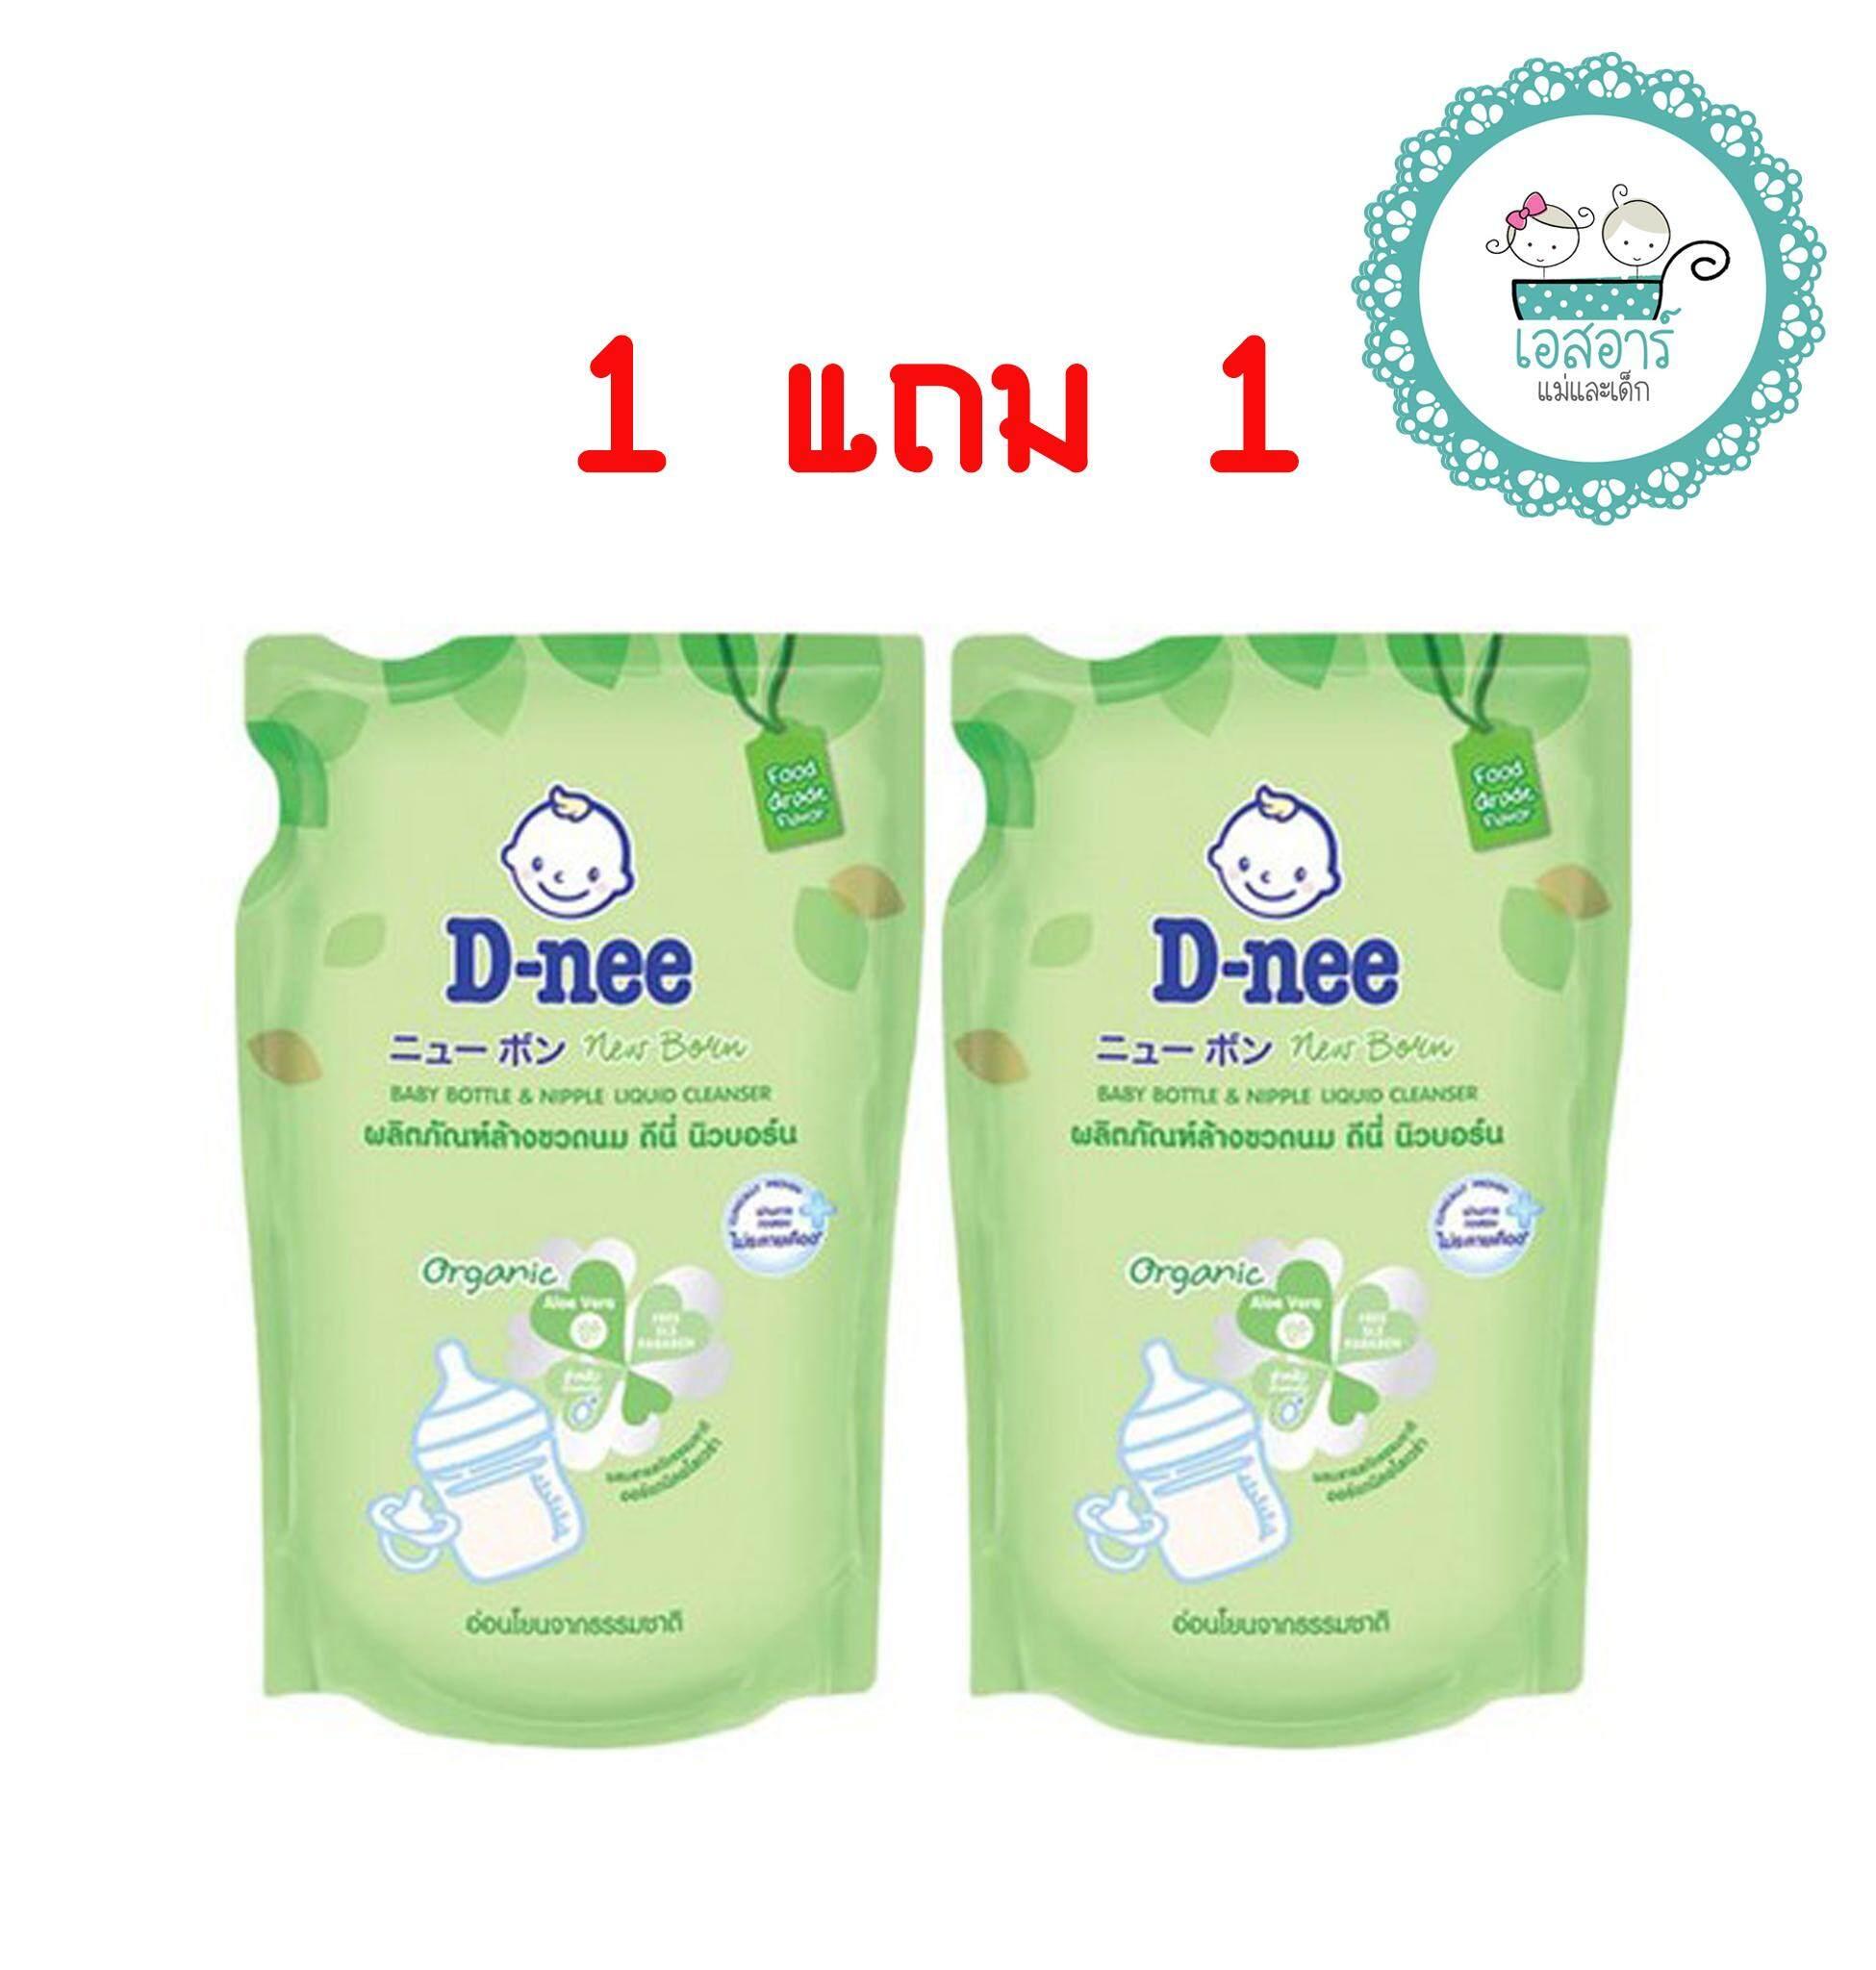 ดีนี่ ผลิตภัณฑ์ล้างขวดนม ชนิดถุงเติม ขนาด 600 มล. (1 แถม 1).